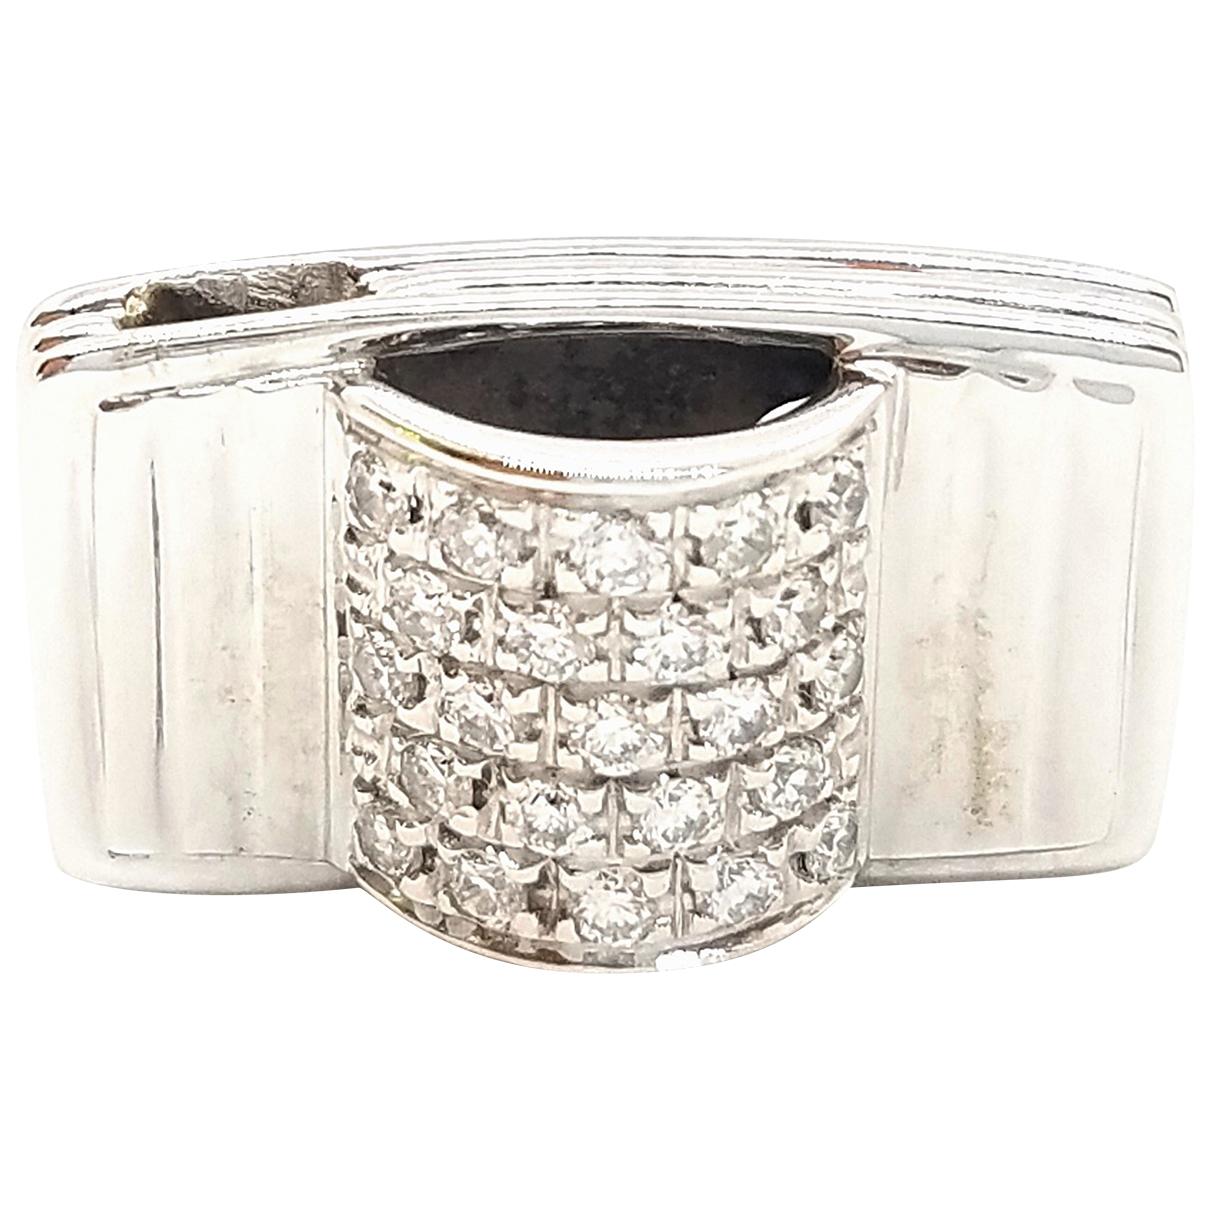 Poiray \N Silver White gold pendant for Women \N